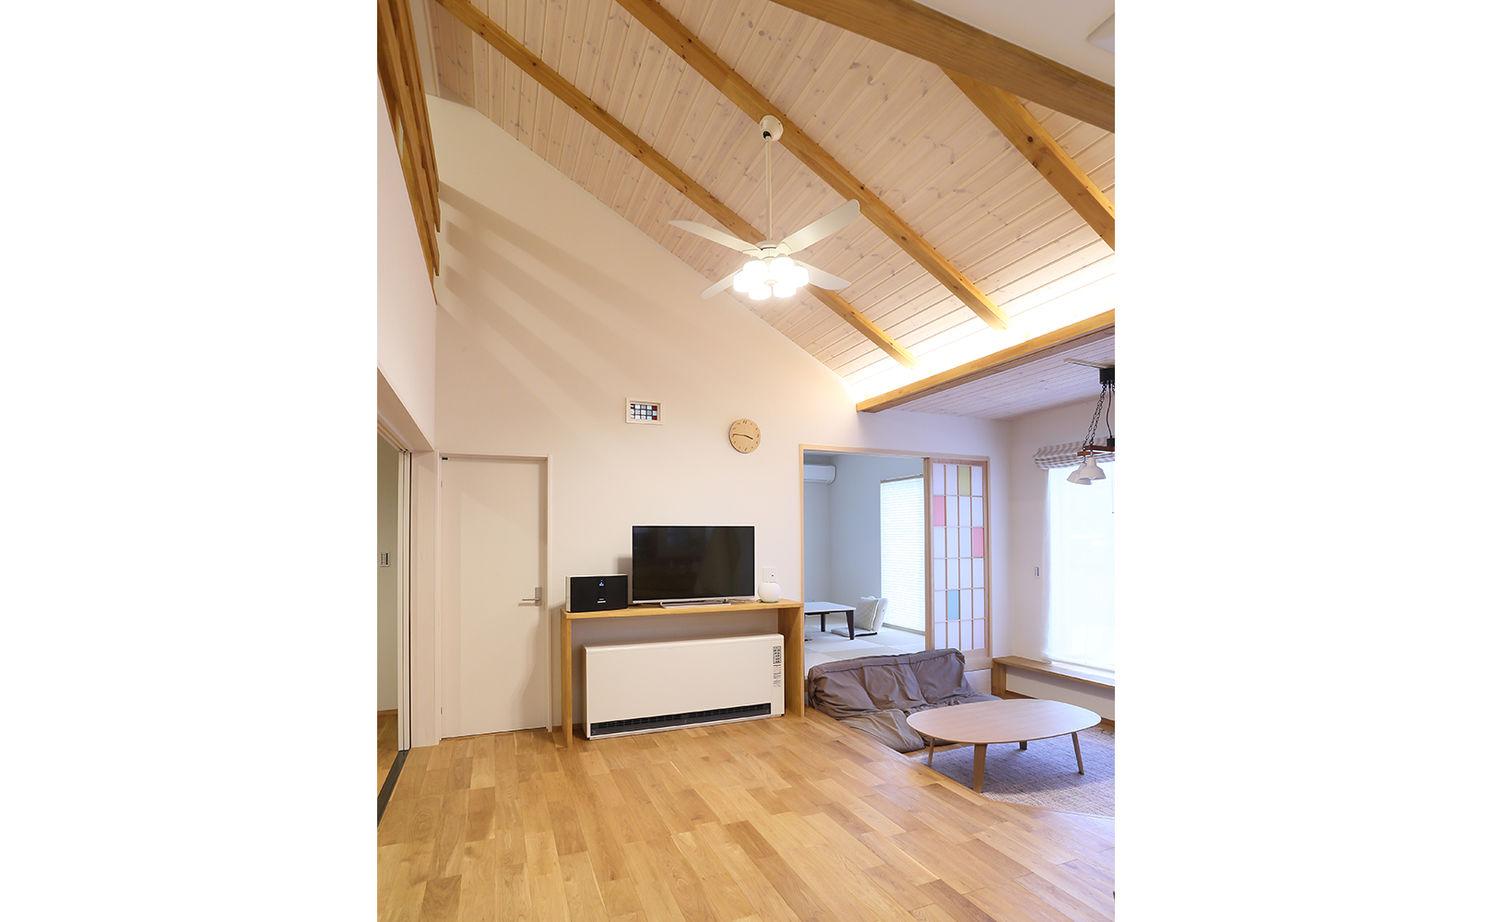 【2380万円】大好きを形に!自然素材を使用したカフェ風のフレンチかわいい平屋の住まい画像3